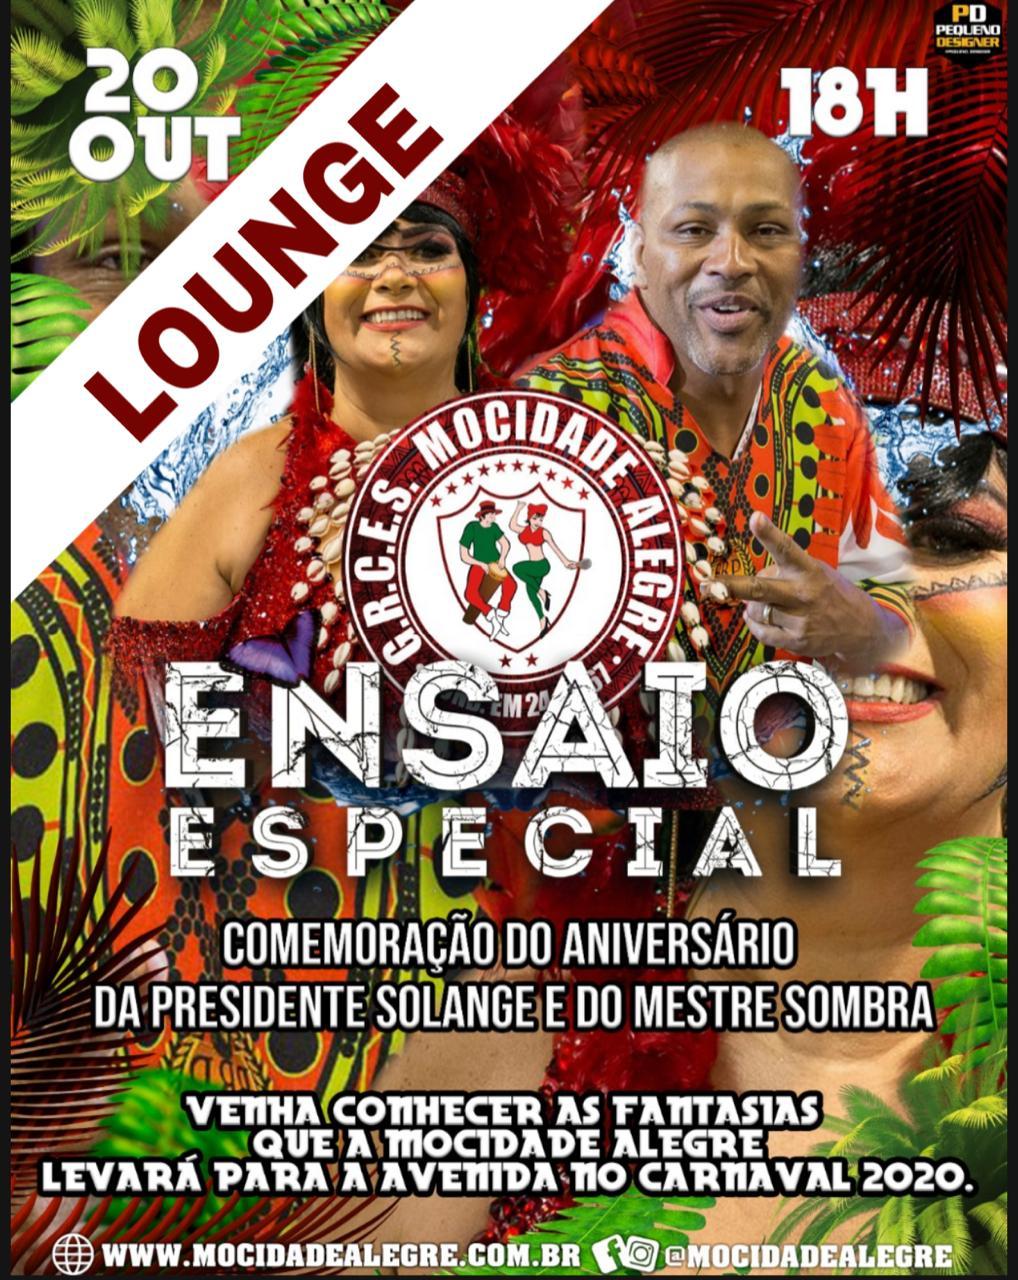 LOUNGE - ENSAIO ESPECIAL 20/10/2019 -  CARNAVAL 2020  - Mocidade Alegre